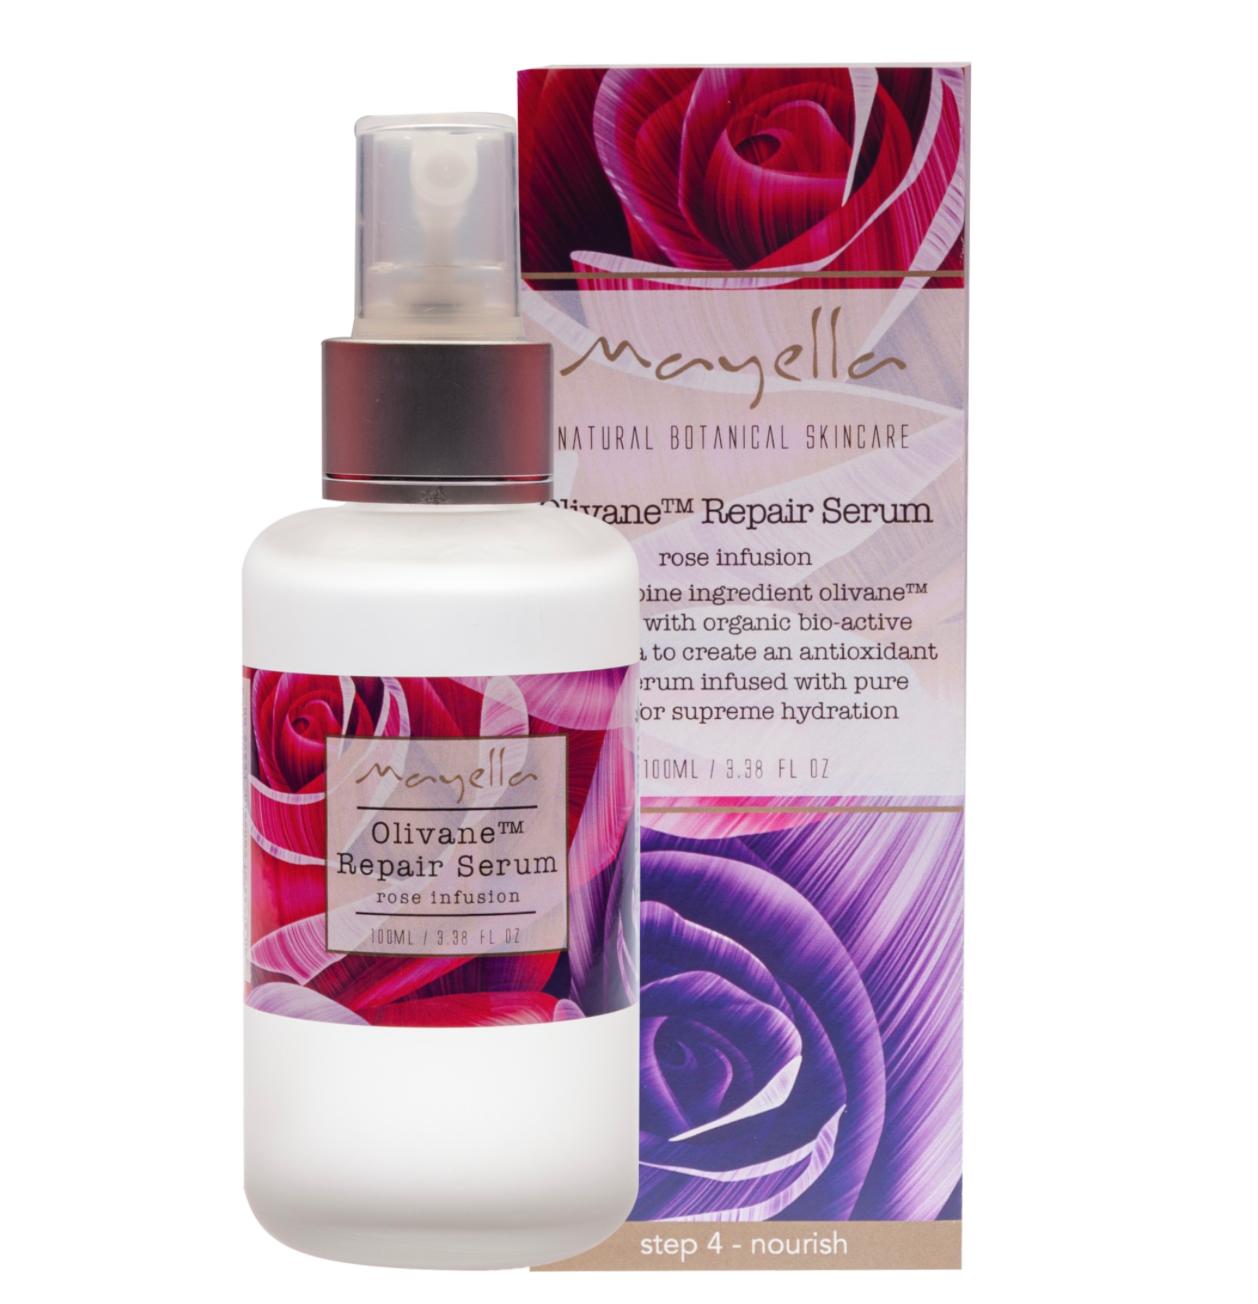 Olivane™ Repair Serum - Rose Infusion